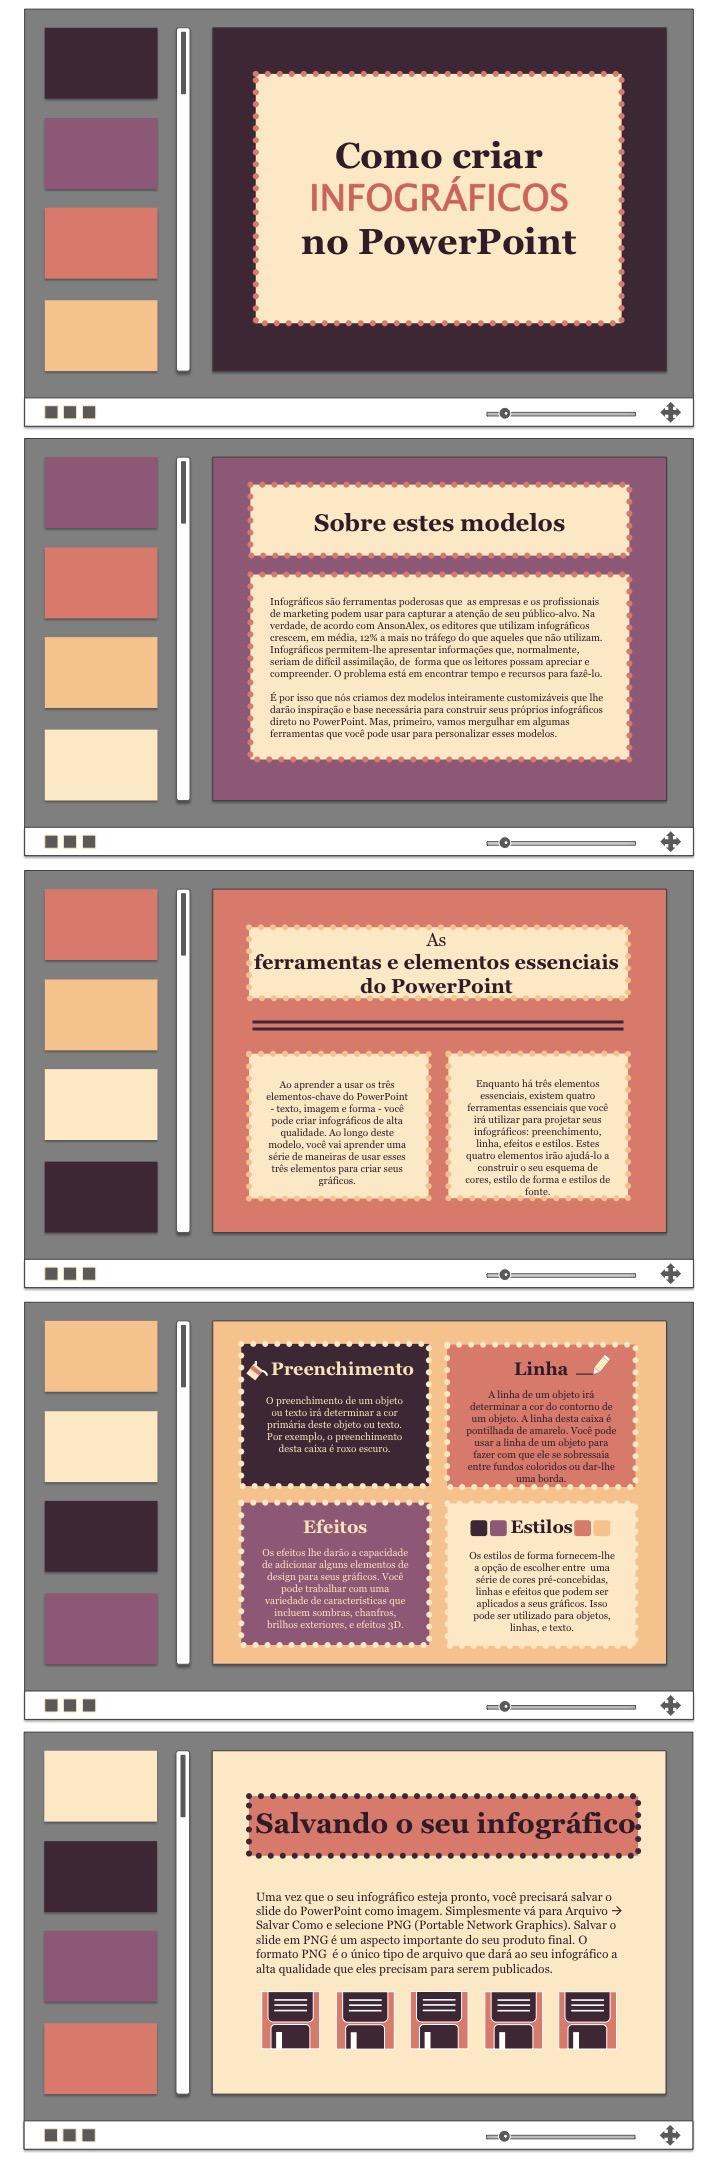 como-criar-infograficos-no-powerpoint.jpg